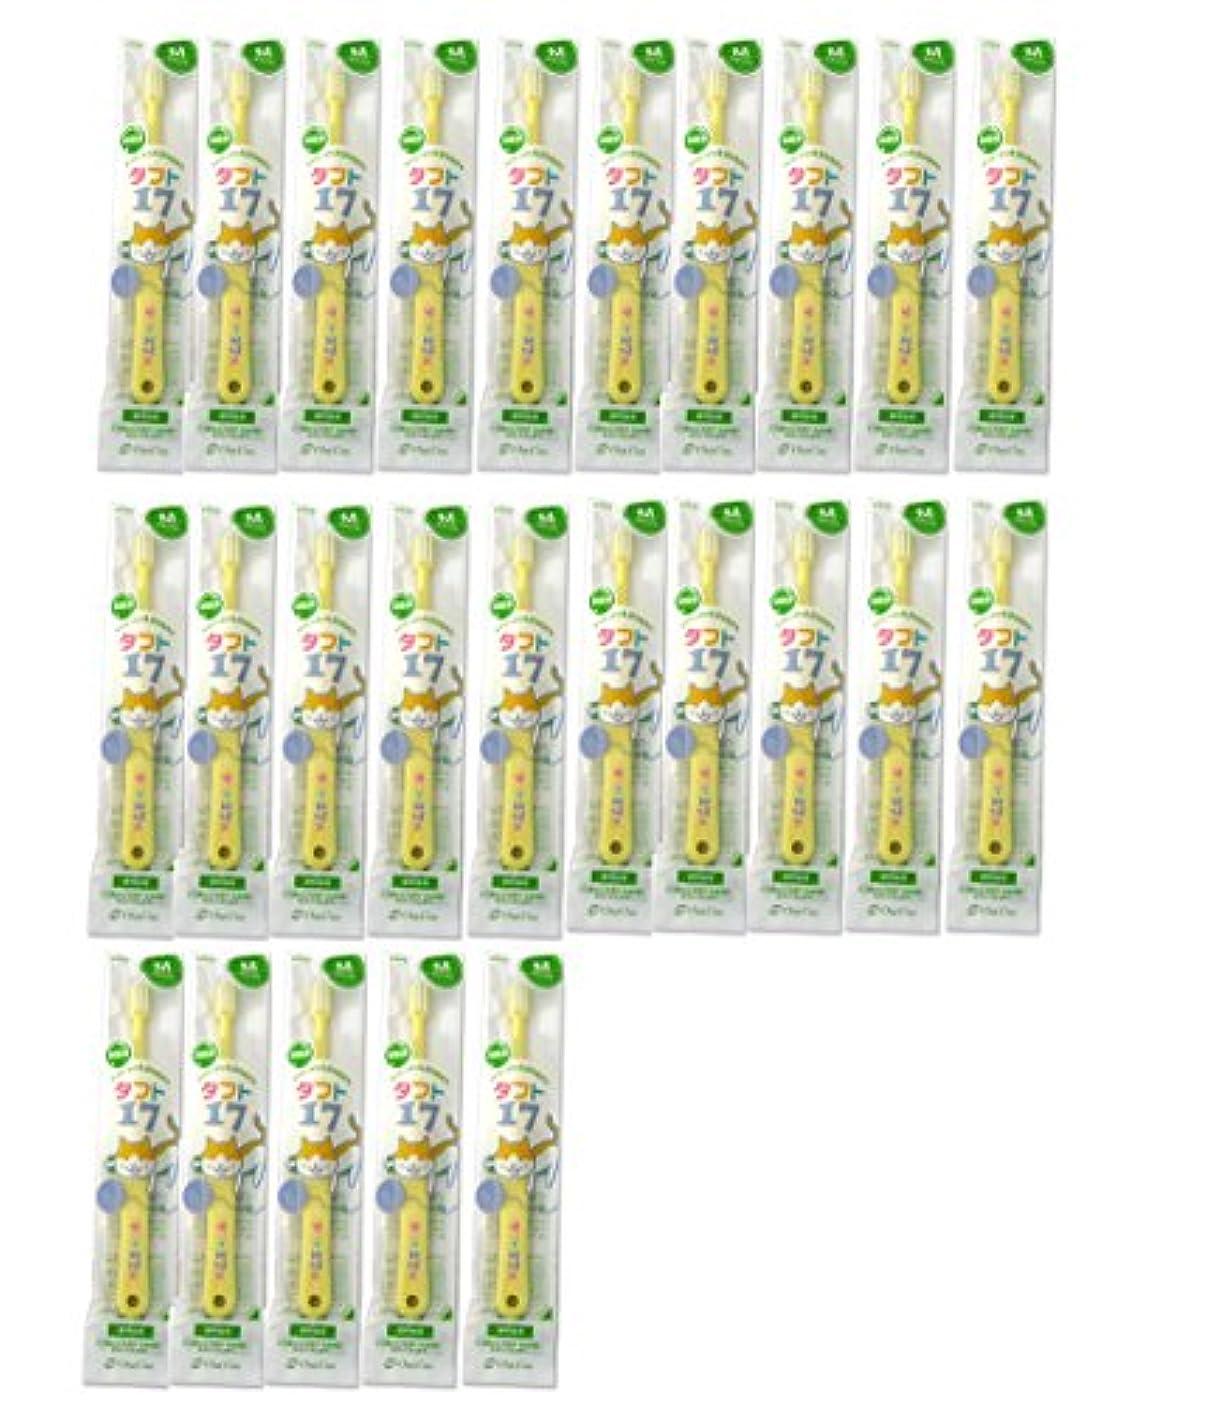 余暇追跡解任タフト17 25本 オーラルケア 【タフト17/ミディアム 子供】 乳歯列(1~7歳用)こども歯ブラシ便不 イエロー